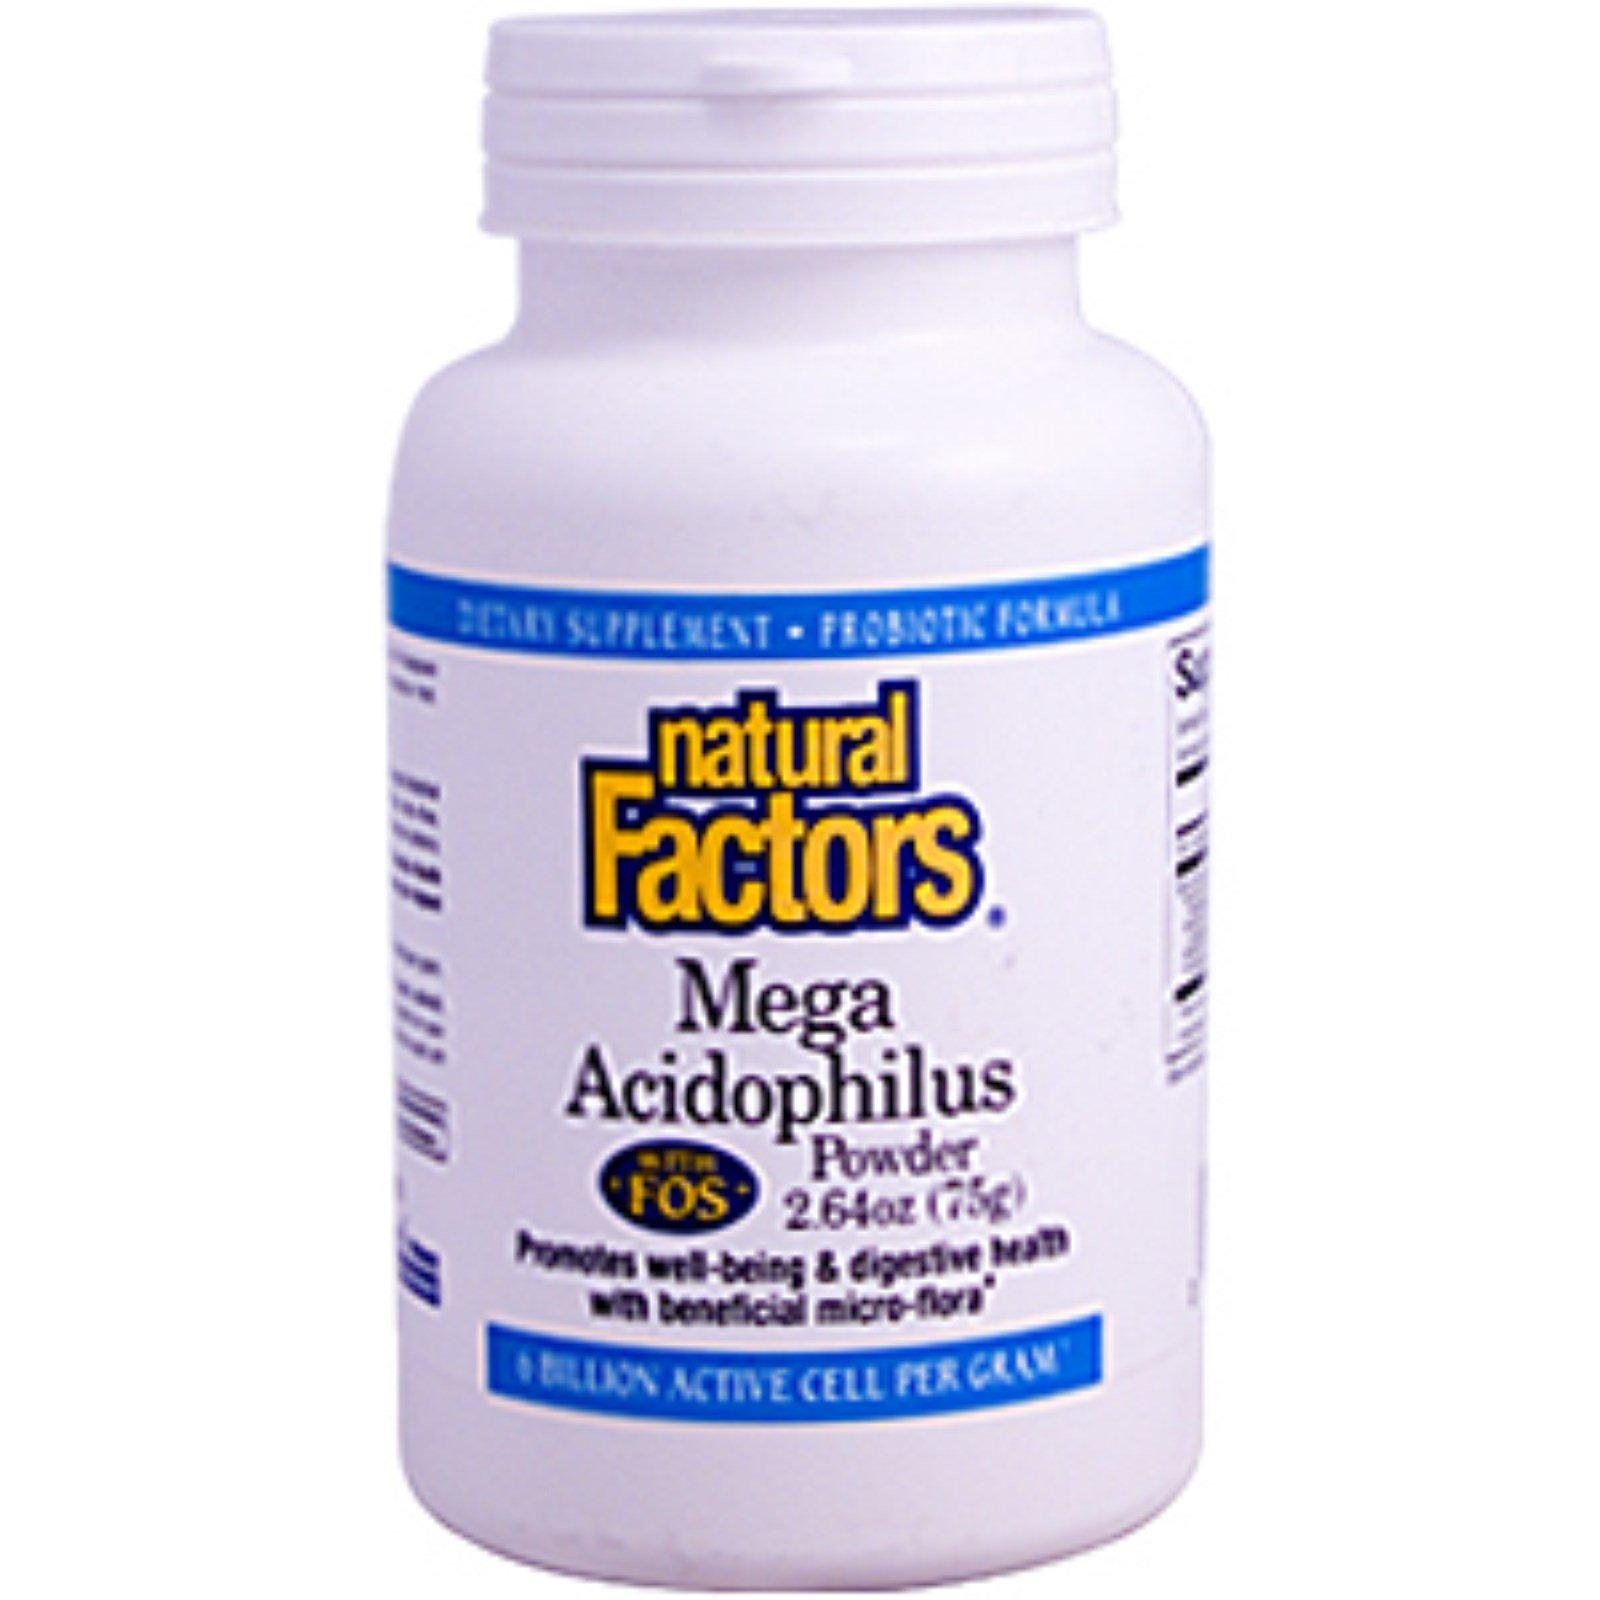 Natural Factors, Mega Acidophilus, 2 64 oz (75 g) Powder - iHerb com